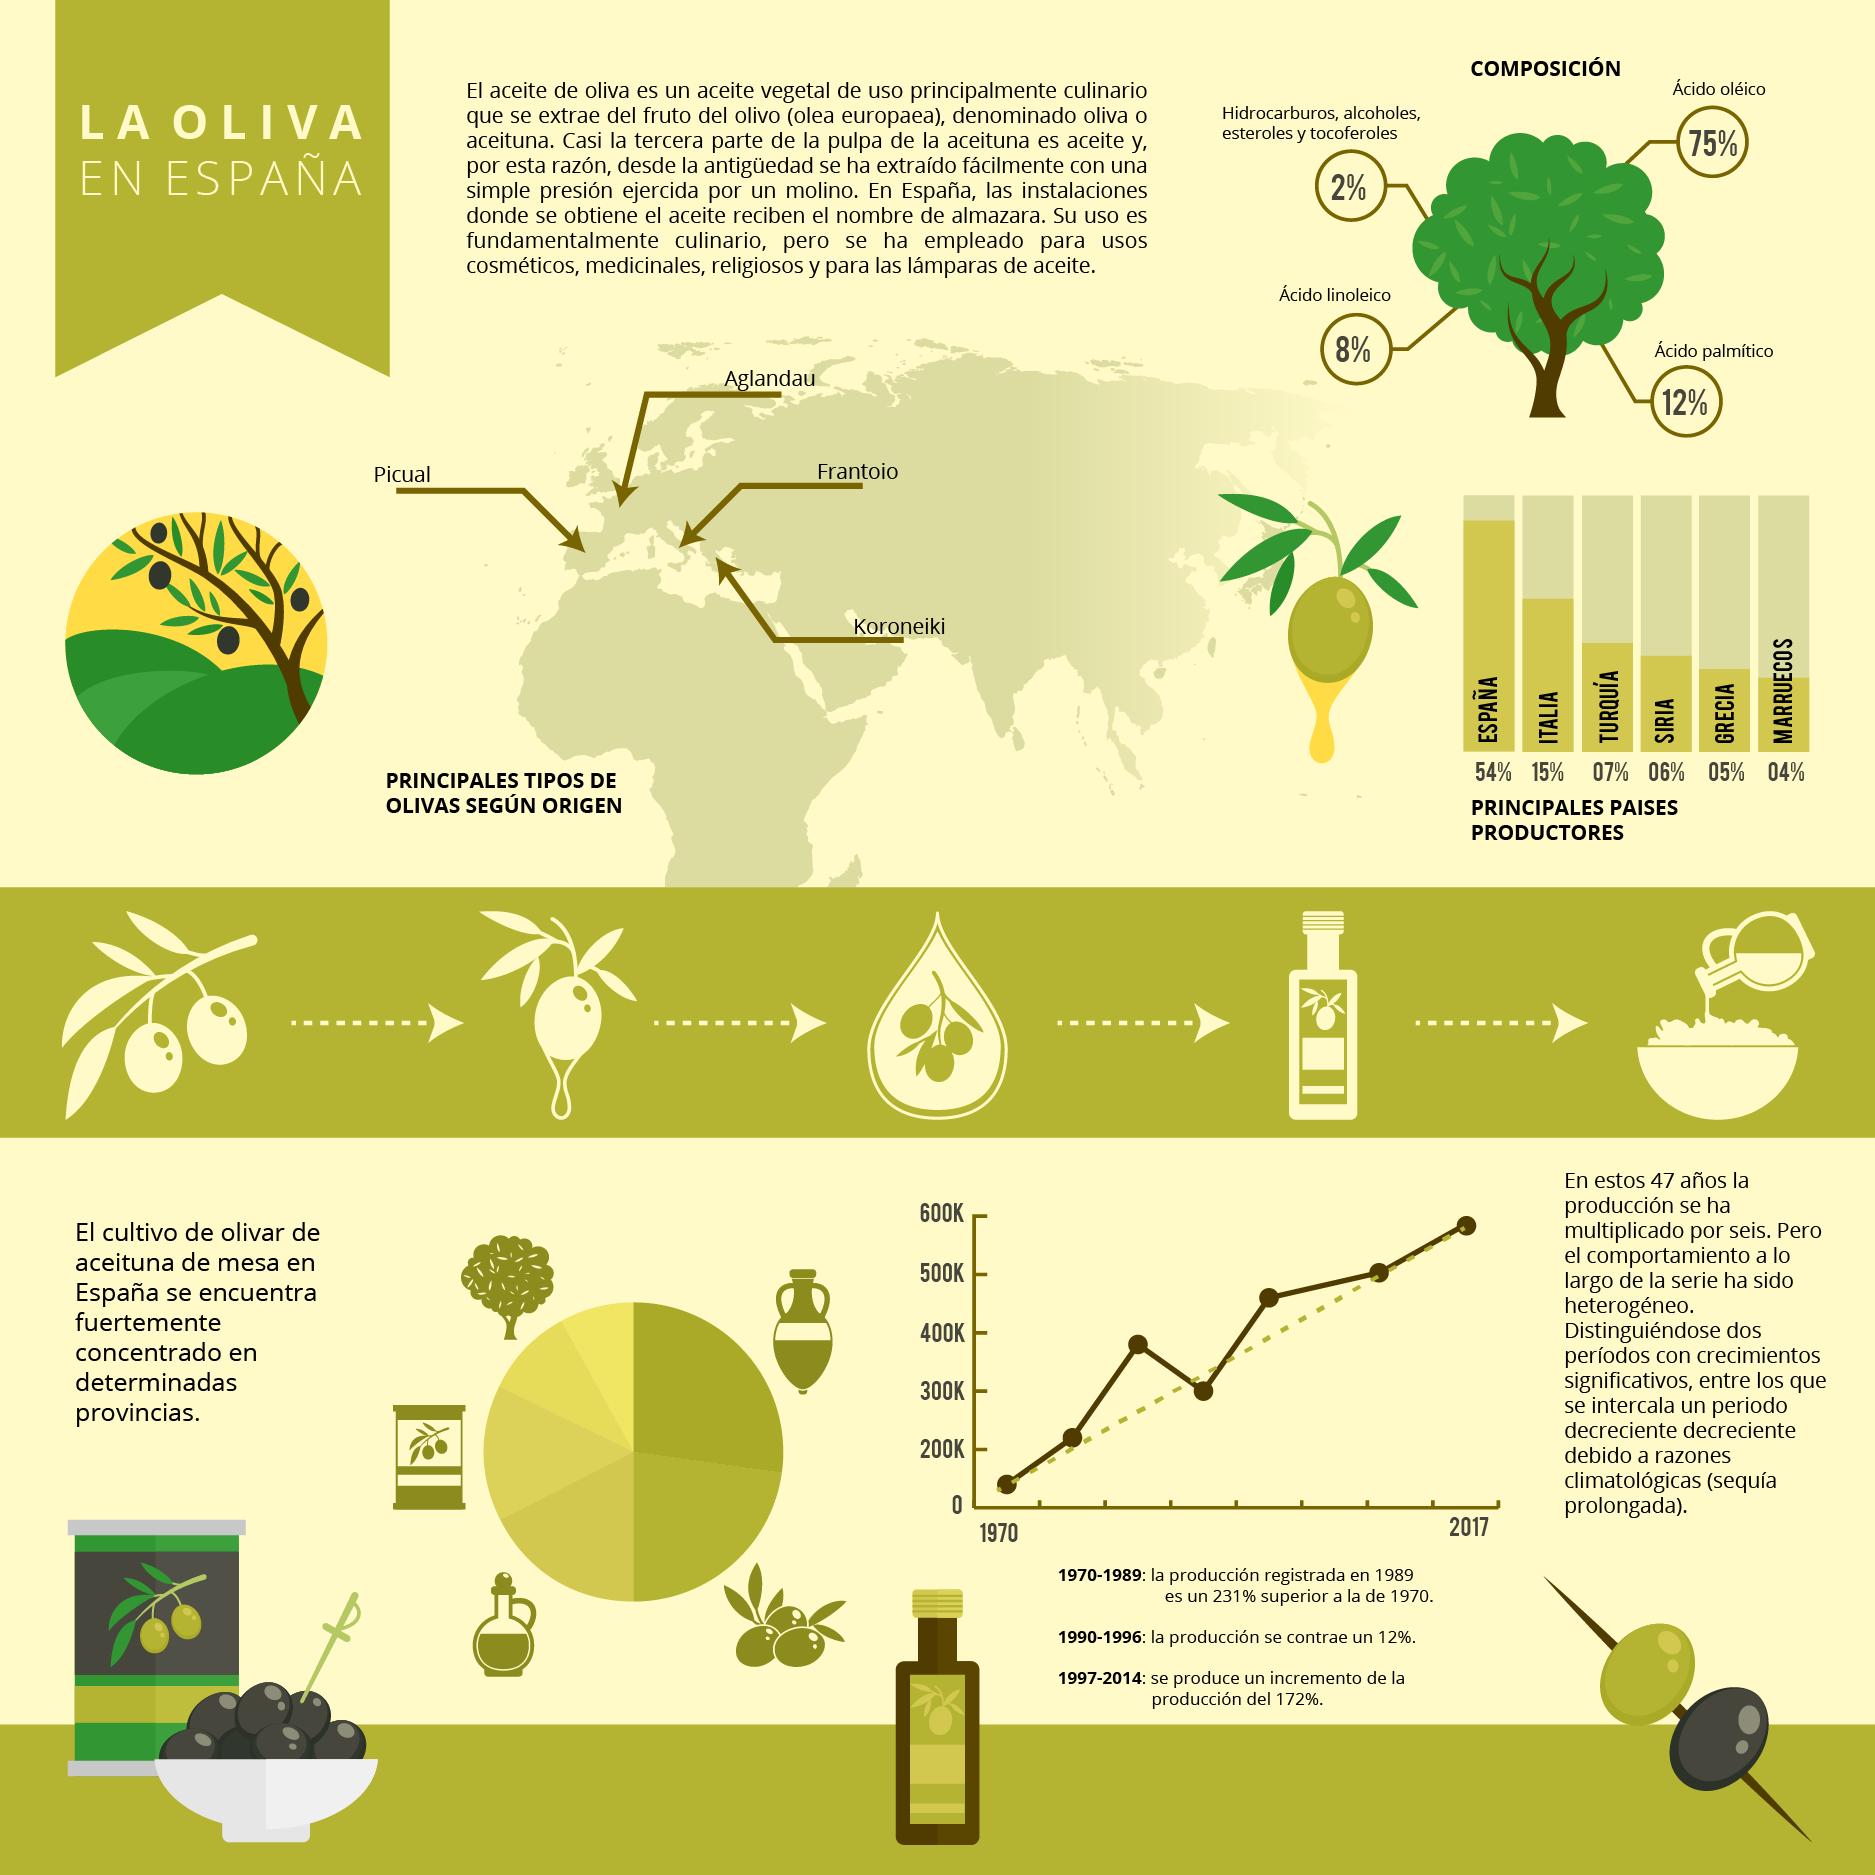 La oliva en España